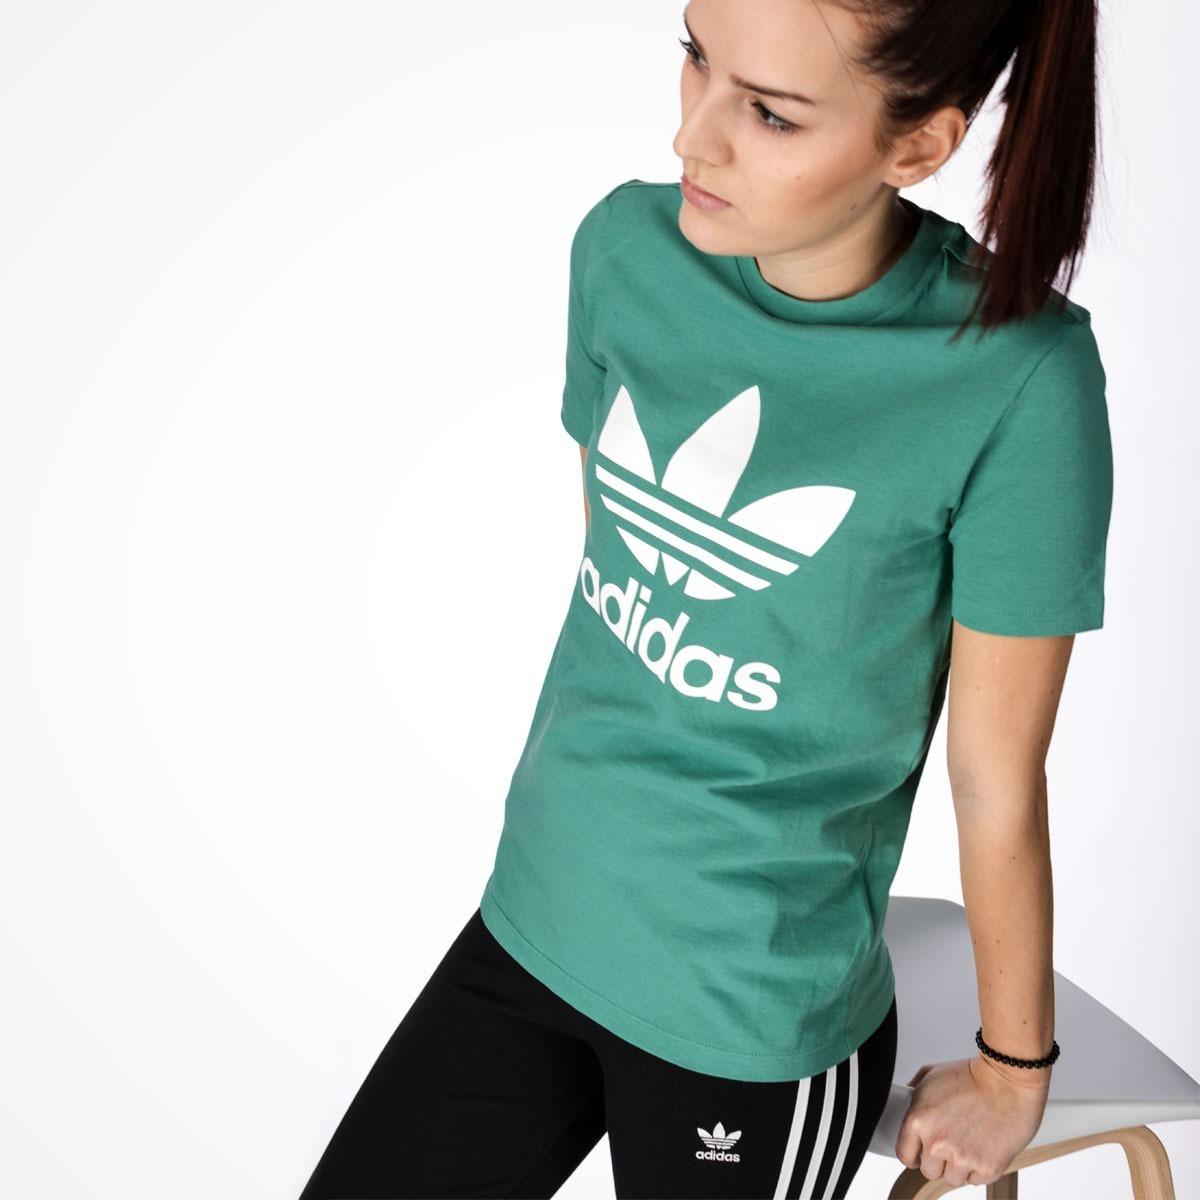 00a57dac1 camiseta feminina adidas originals - original. Carregando zoom.